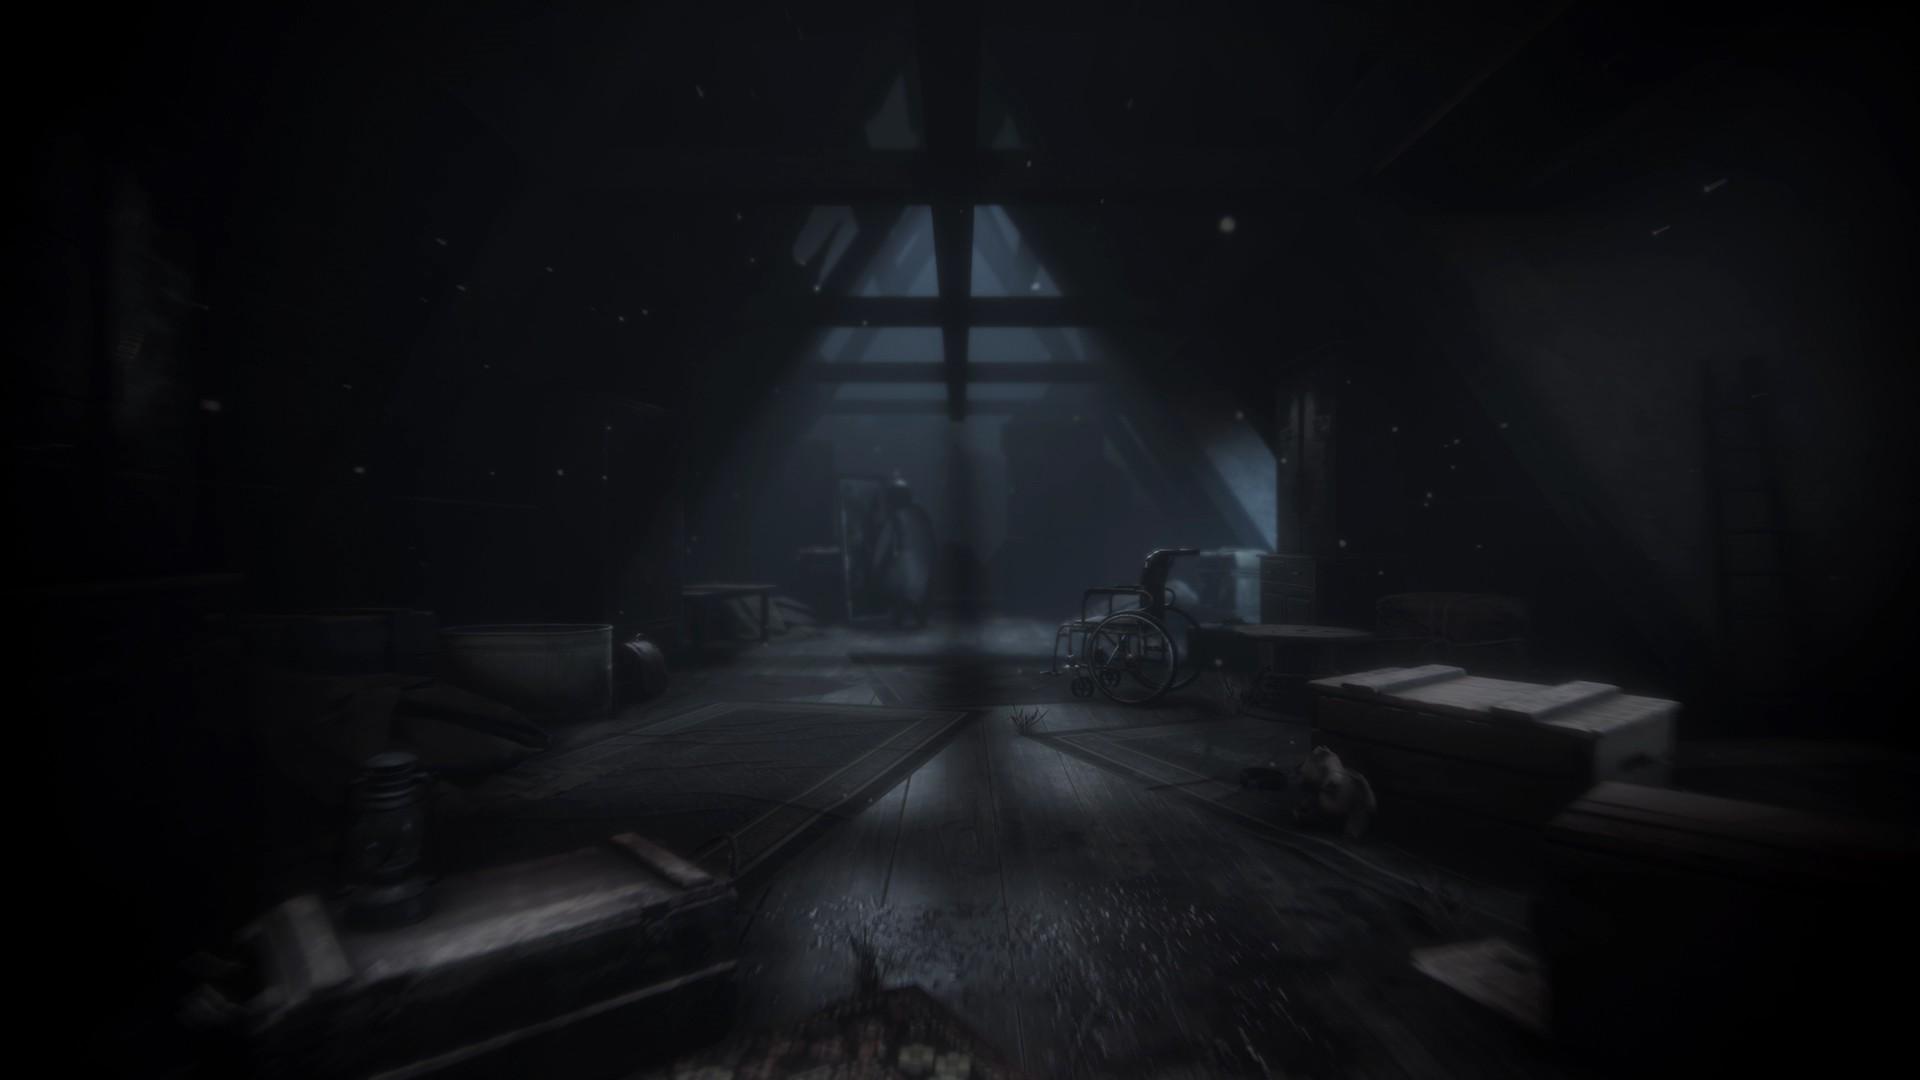 恐怖游戏用真庄园做鬼屋吓人 房主不满打官司